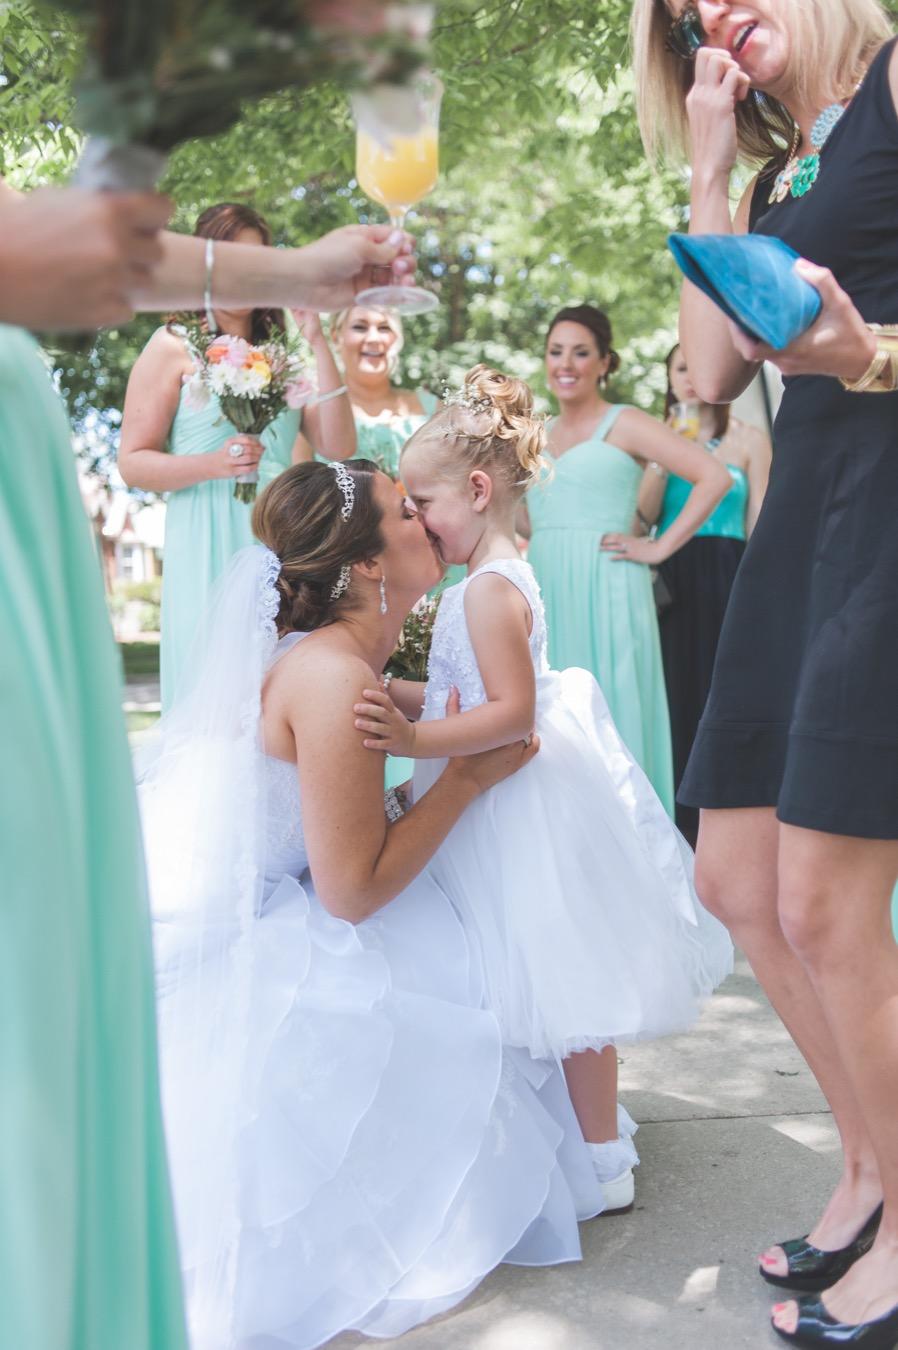 20140524123427Chicago_wedding_St_Christina_Church_Ruffled_feathers_golf_club.jpg